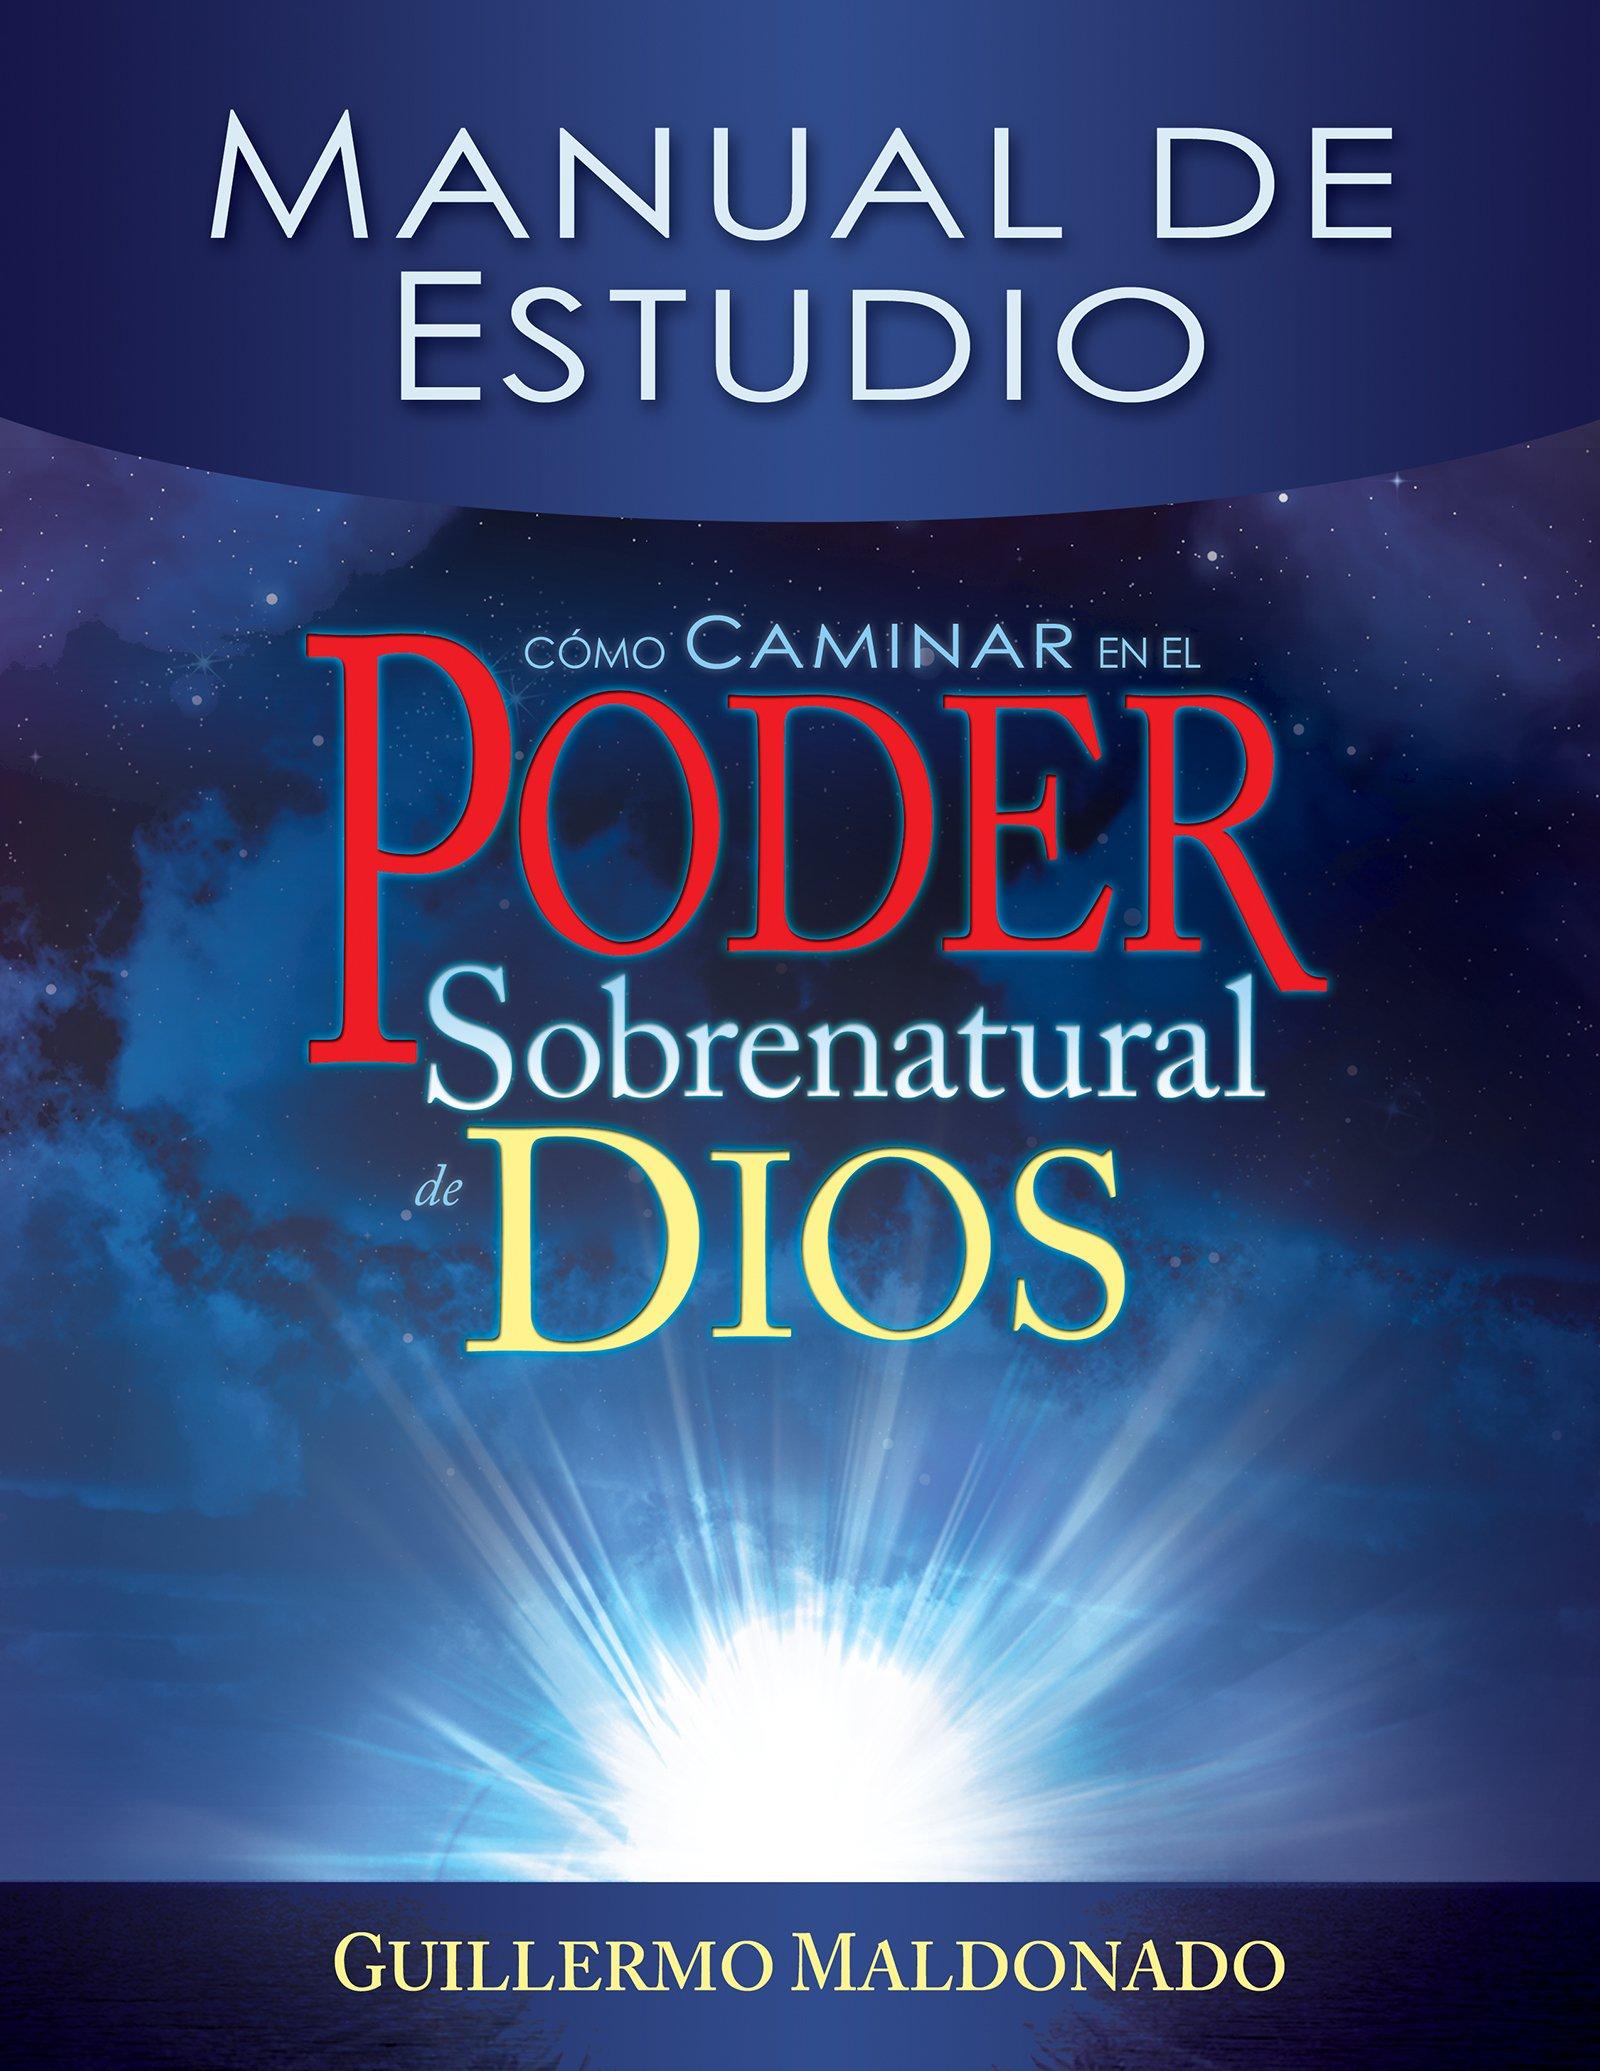 Como Caminar en el Poder Sobrenatural de Dios: Manual de Estudio ...